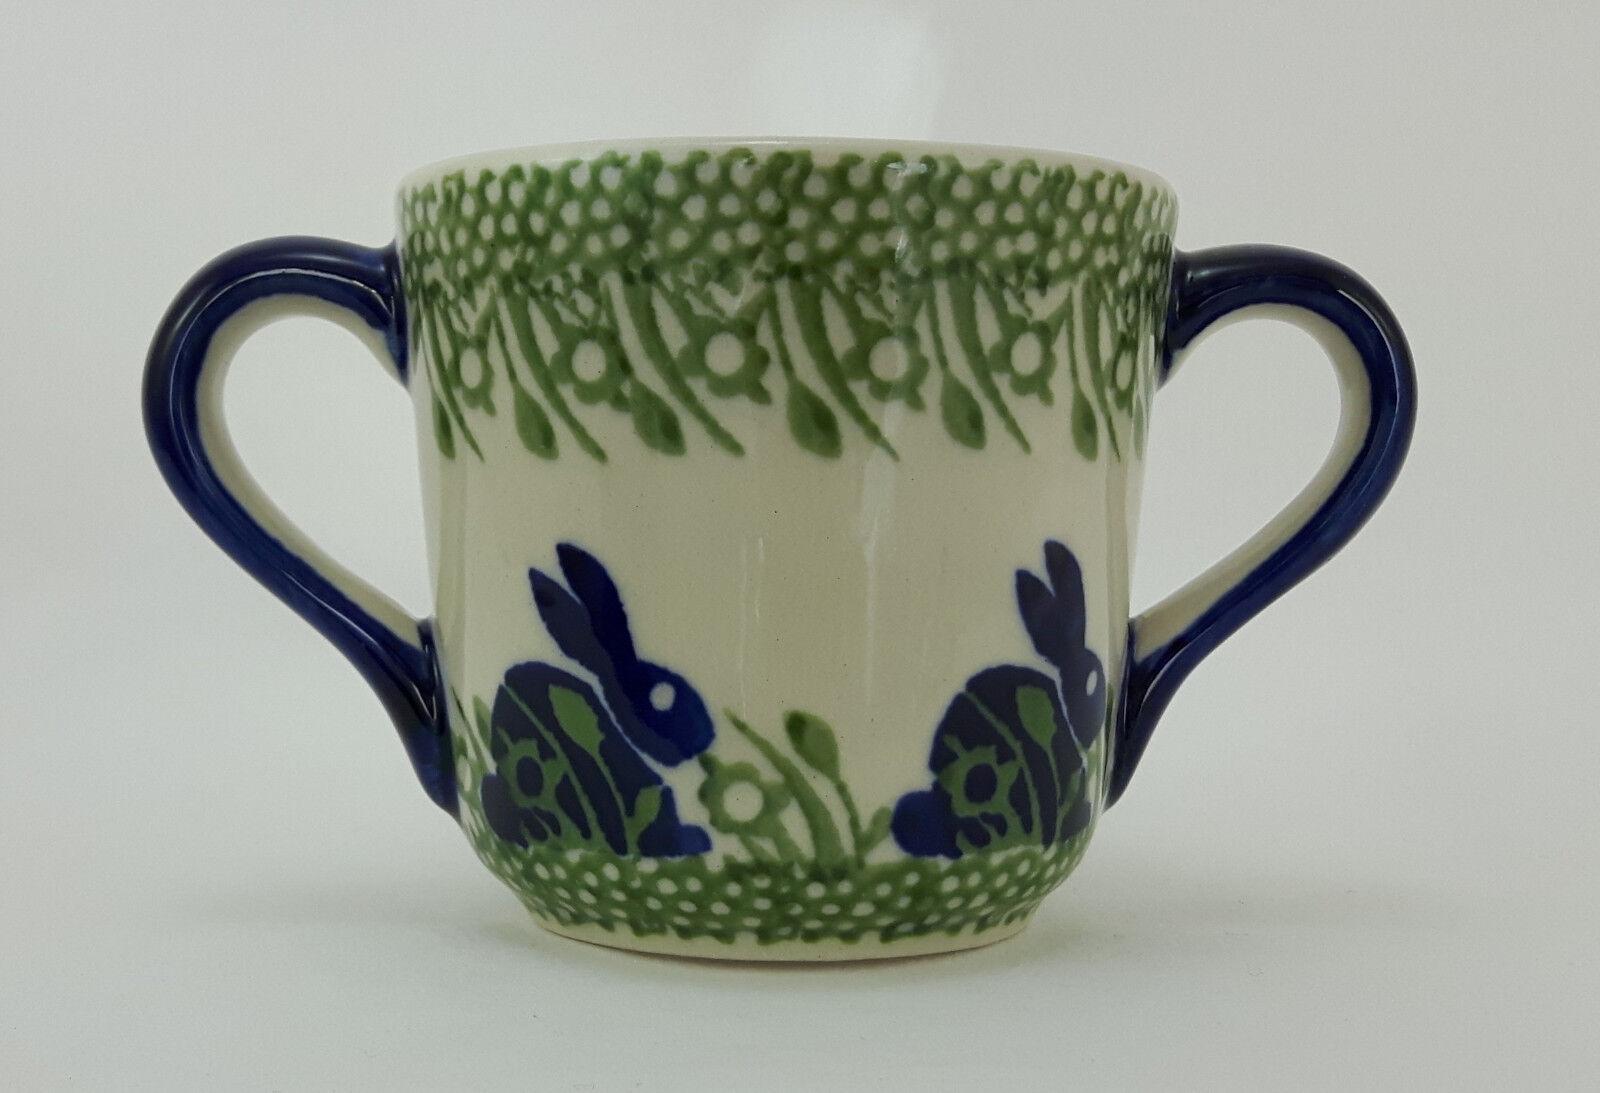 Kanne für 1,3Liter Tee Bunzlauer Keramik Teekanne C017-P324 Hasen